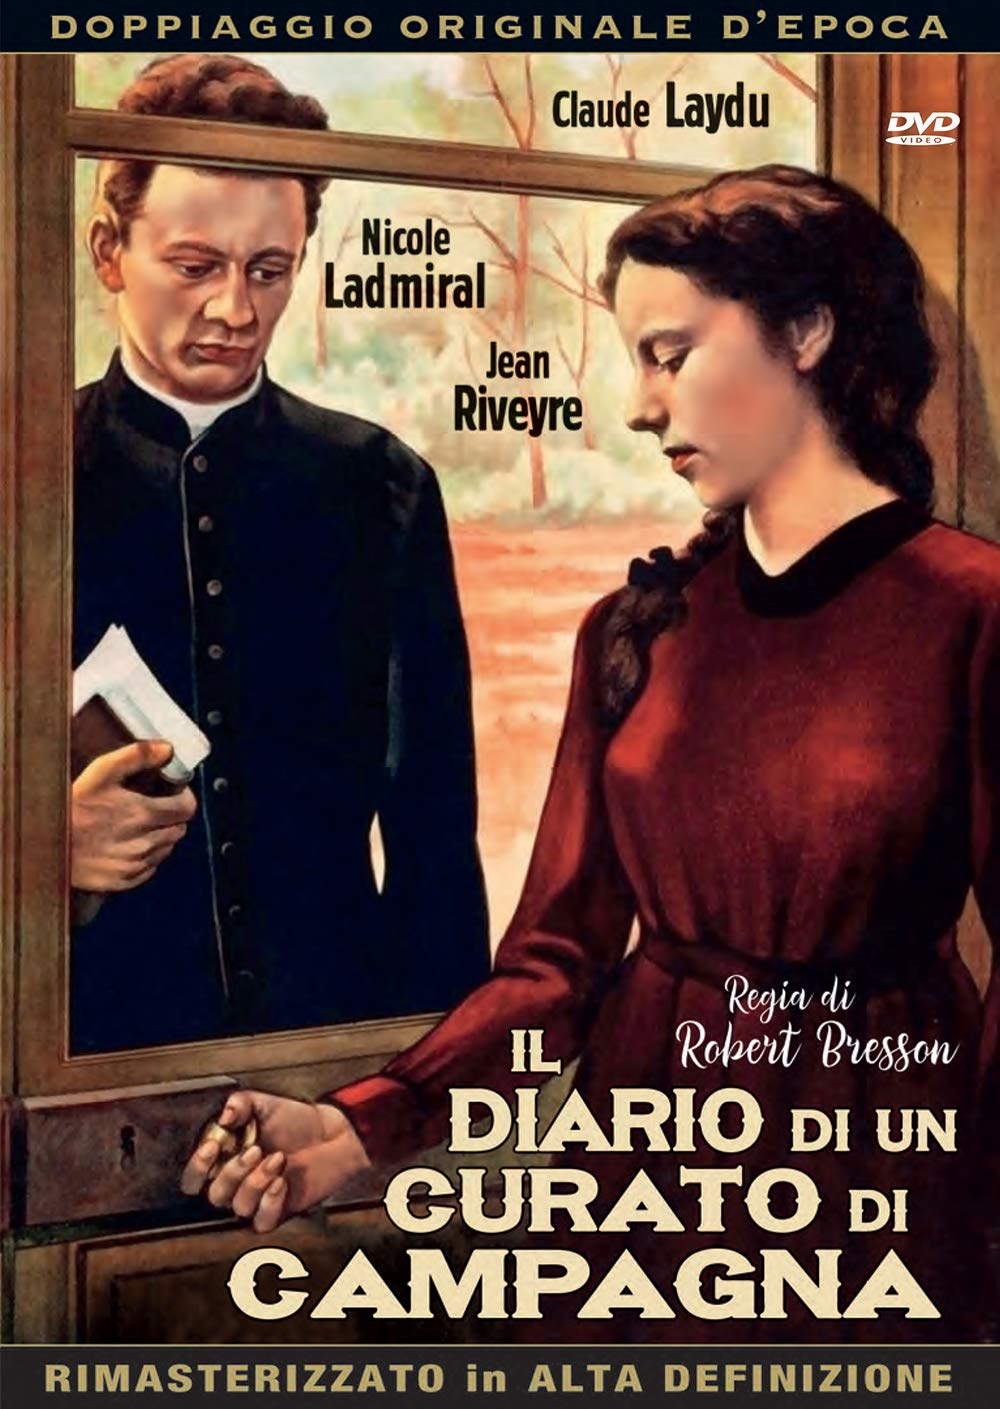 IL DIARIO DI UN CURATO DI CAMPAGNA (DVD)